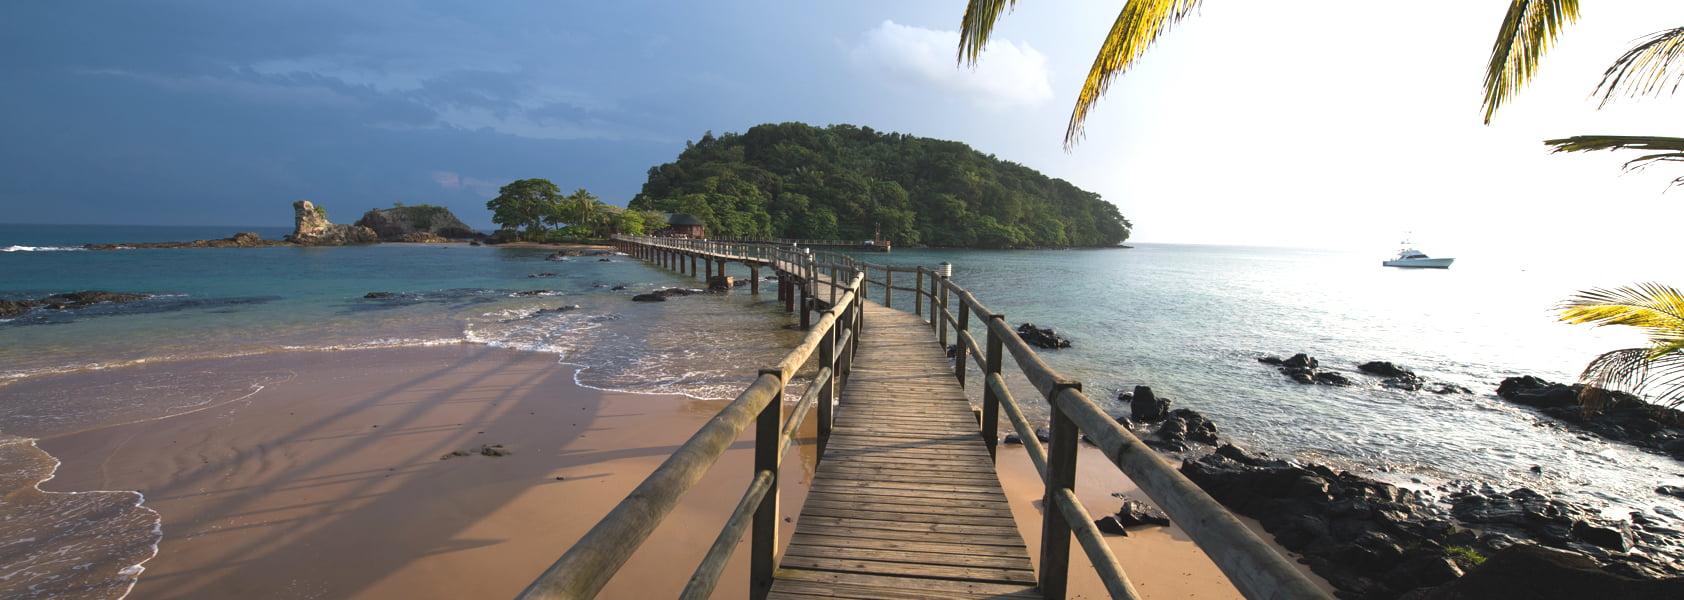 Sao Tomé & Principe | Vakantie op de vergeten Eilanden